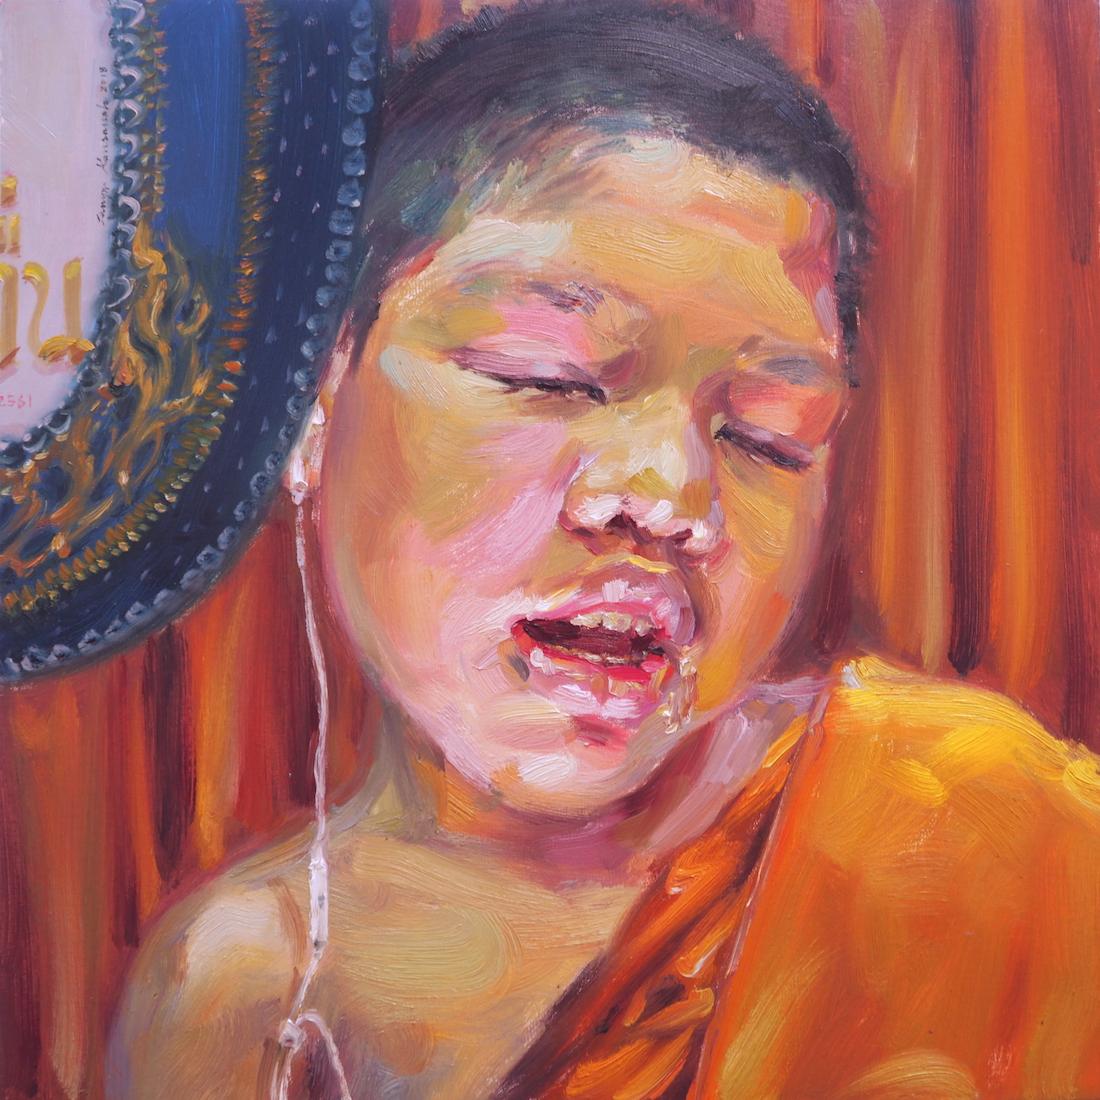 หลับไม่ตื่น(Sleep never wake), oil on linen, 50x50 cm.